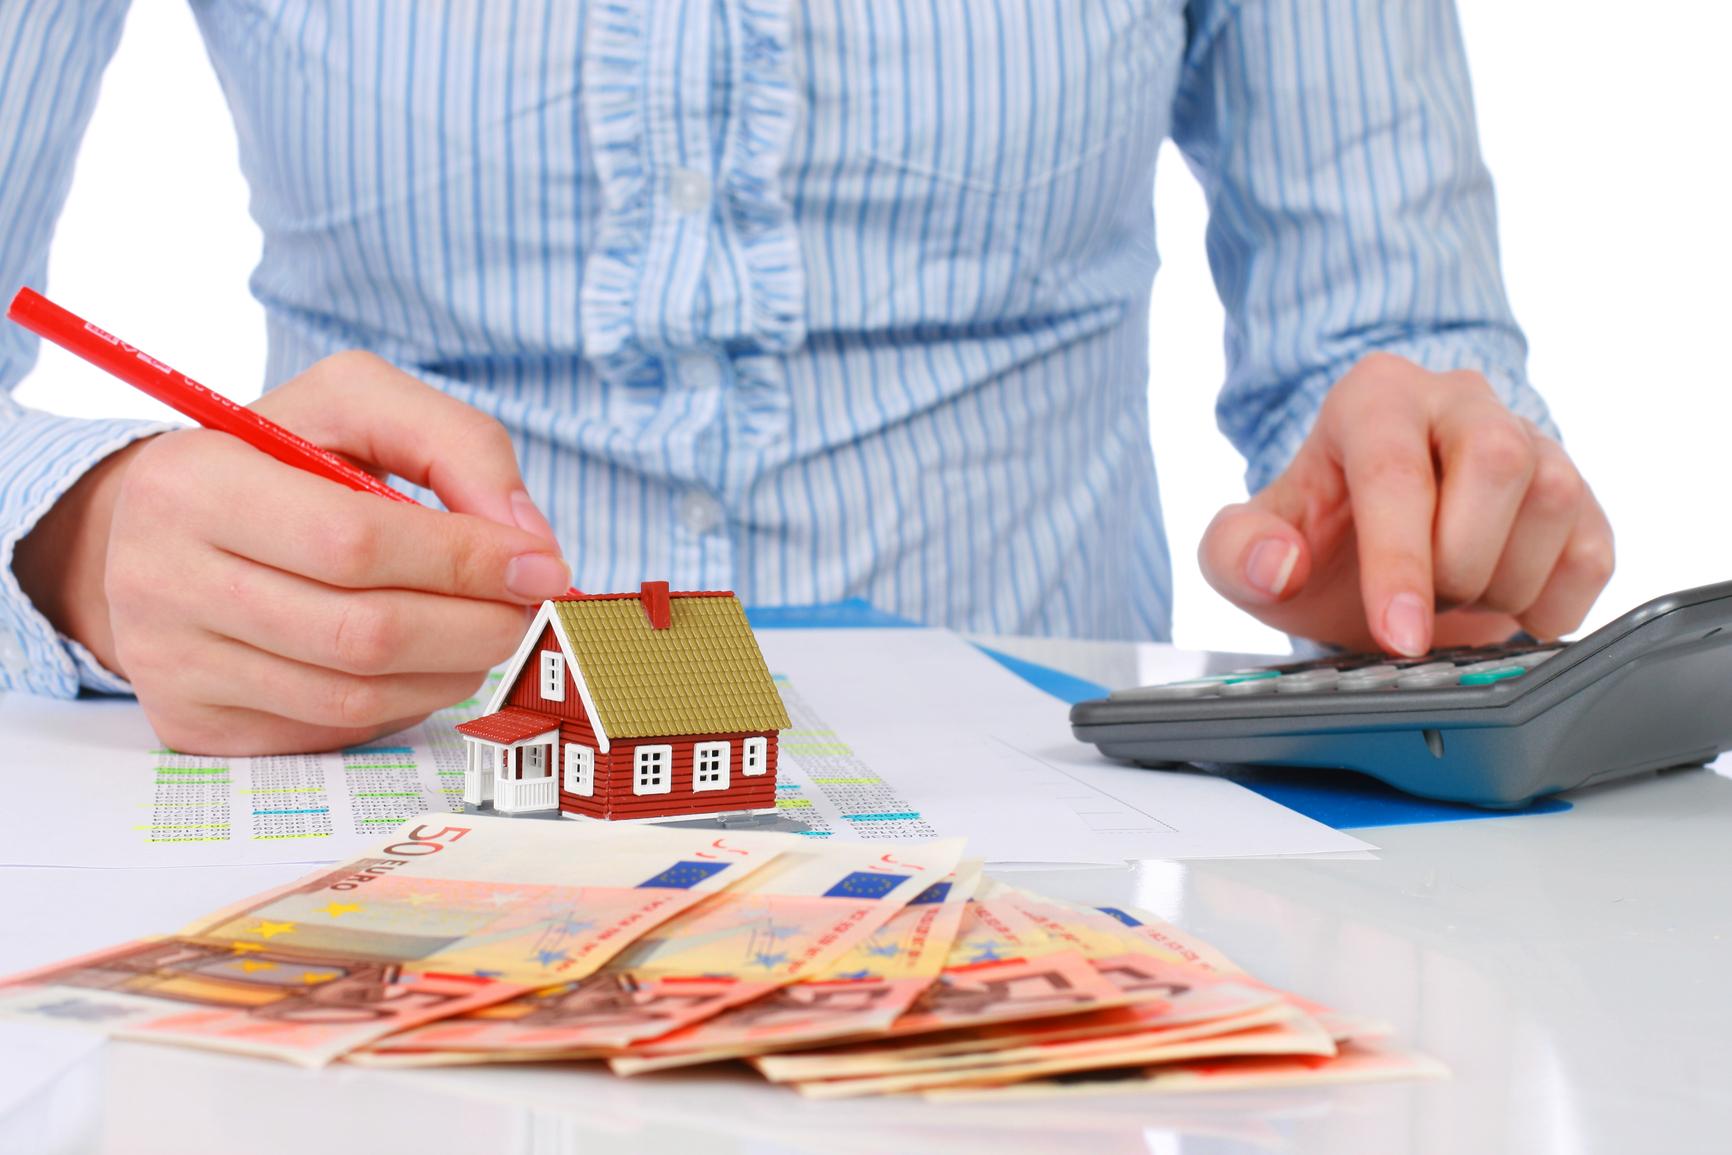 на сайте в разделе кредит на жилье имело